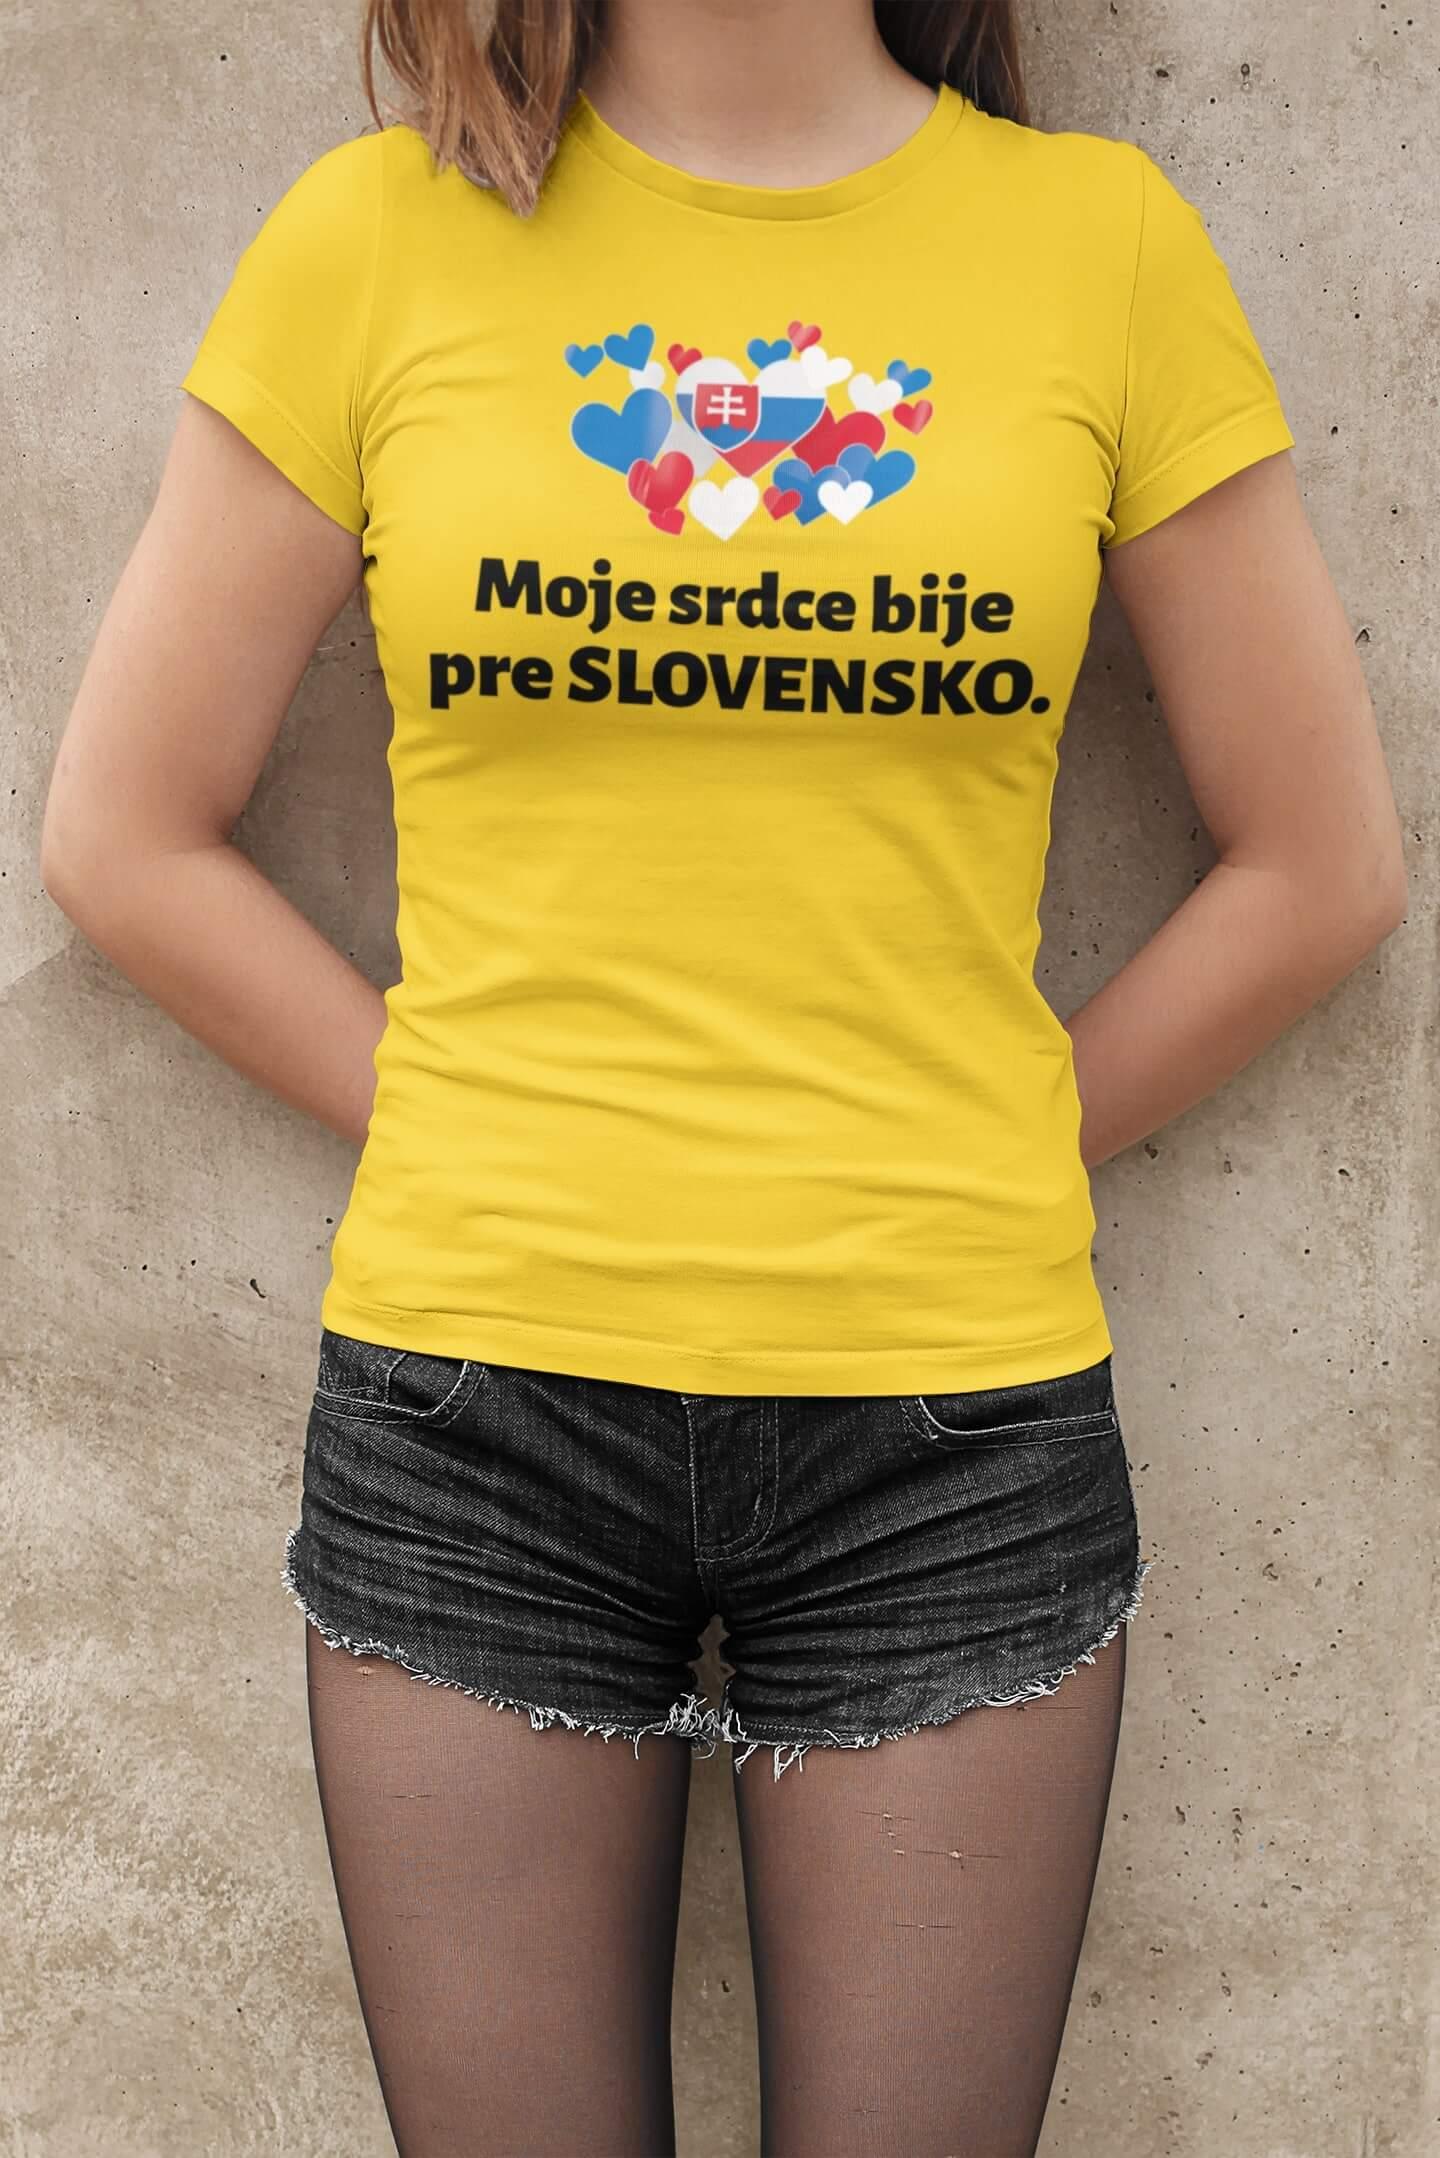 MMO Dámske tričko Srdce bije pre Slovensko Vyberte farbu: Žltá, Dámska veľkosť: M